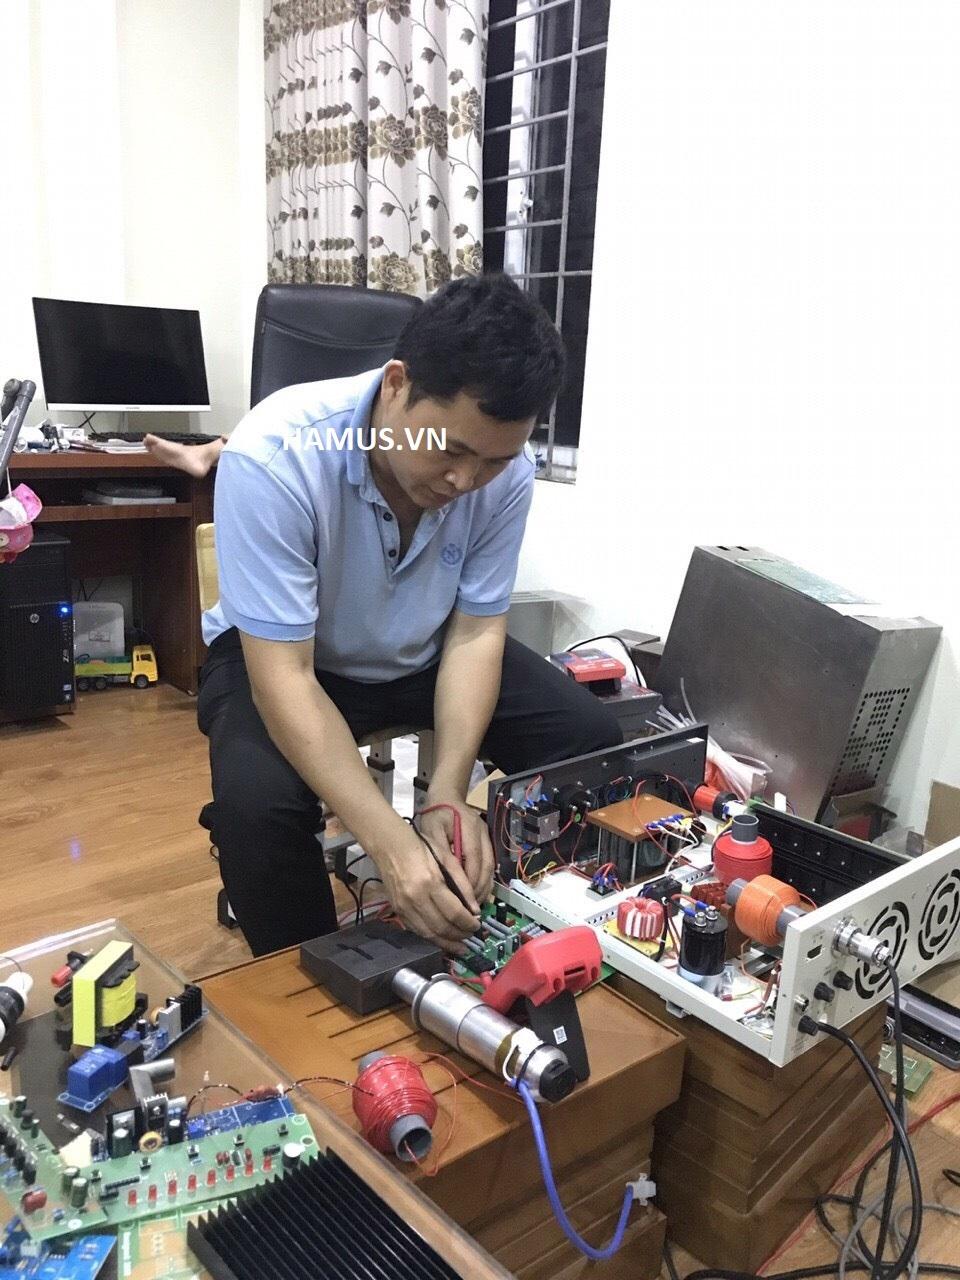 Sửa chữa máy hàn khẩu trang, máy hàn siêu âm tốt nhất tại Việt nam